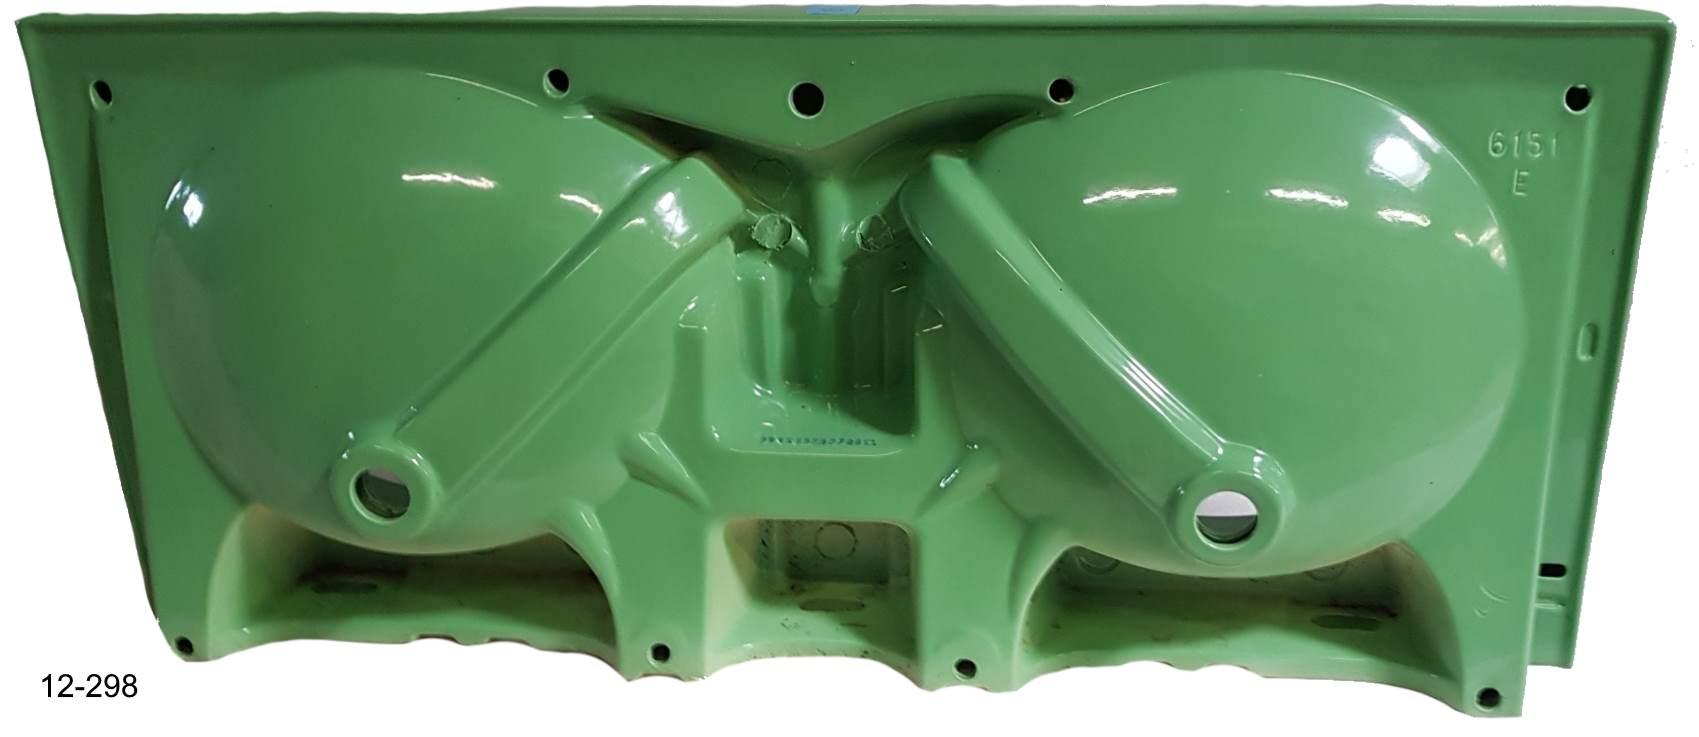 oasis Doppel-Waschtisch 130x55 cm Villeroy und Boch Carine #12-298 Unterseite